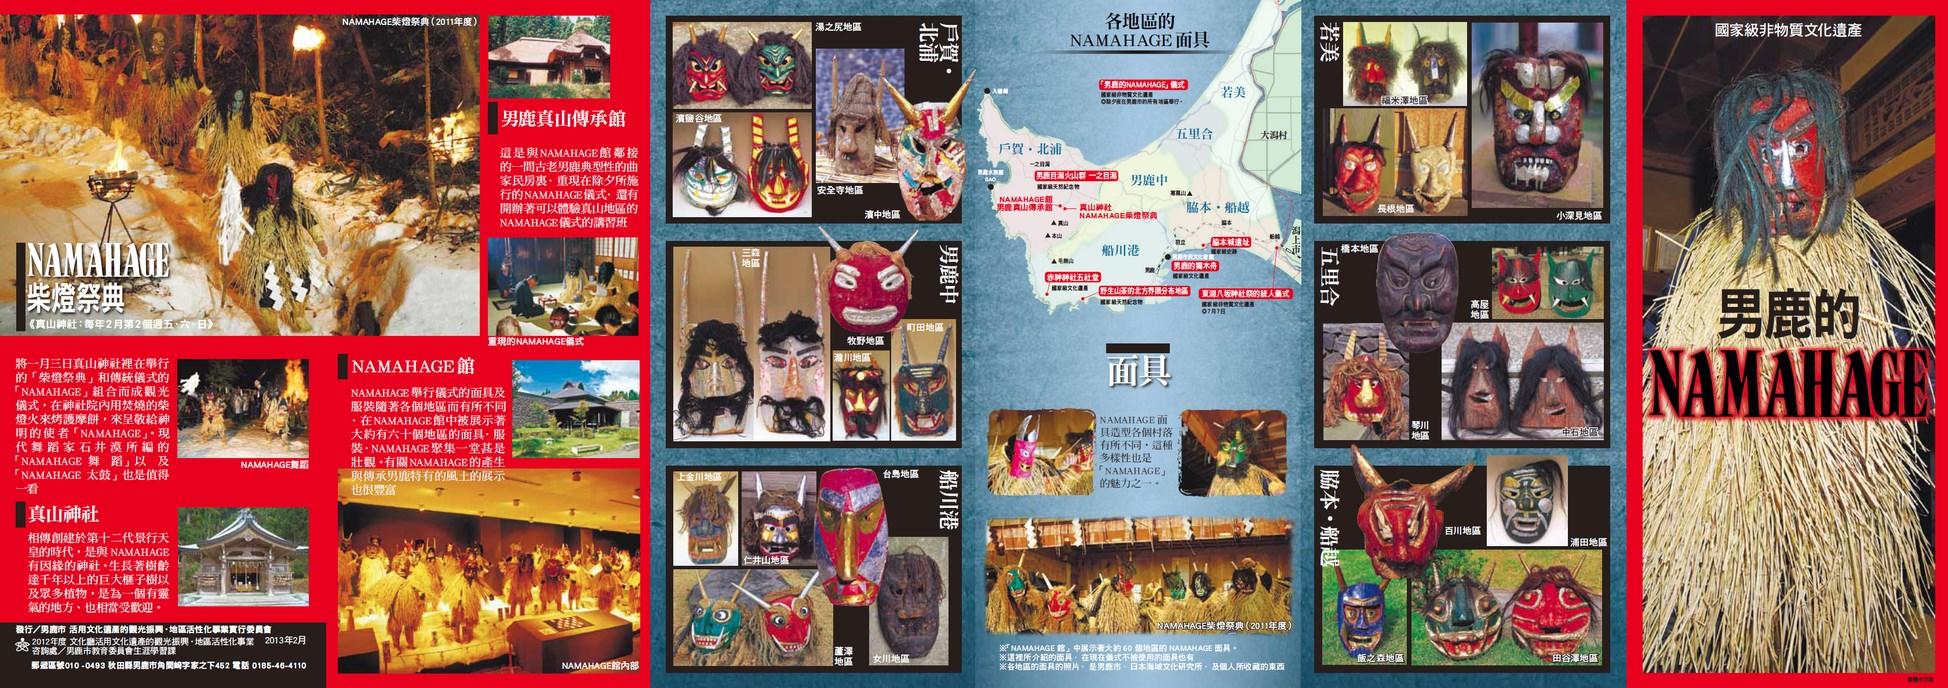 男鹿市 男鹿のナマハゲ パンフレット2012年 中國傳統